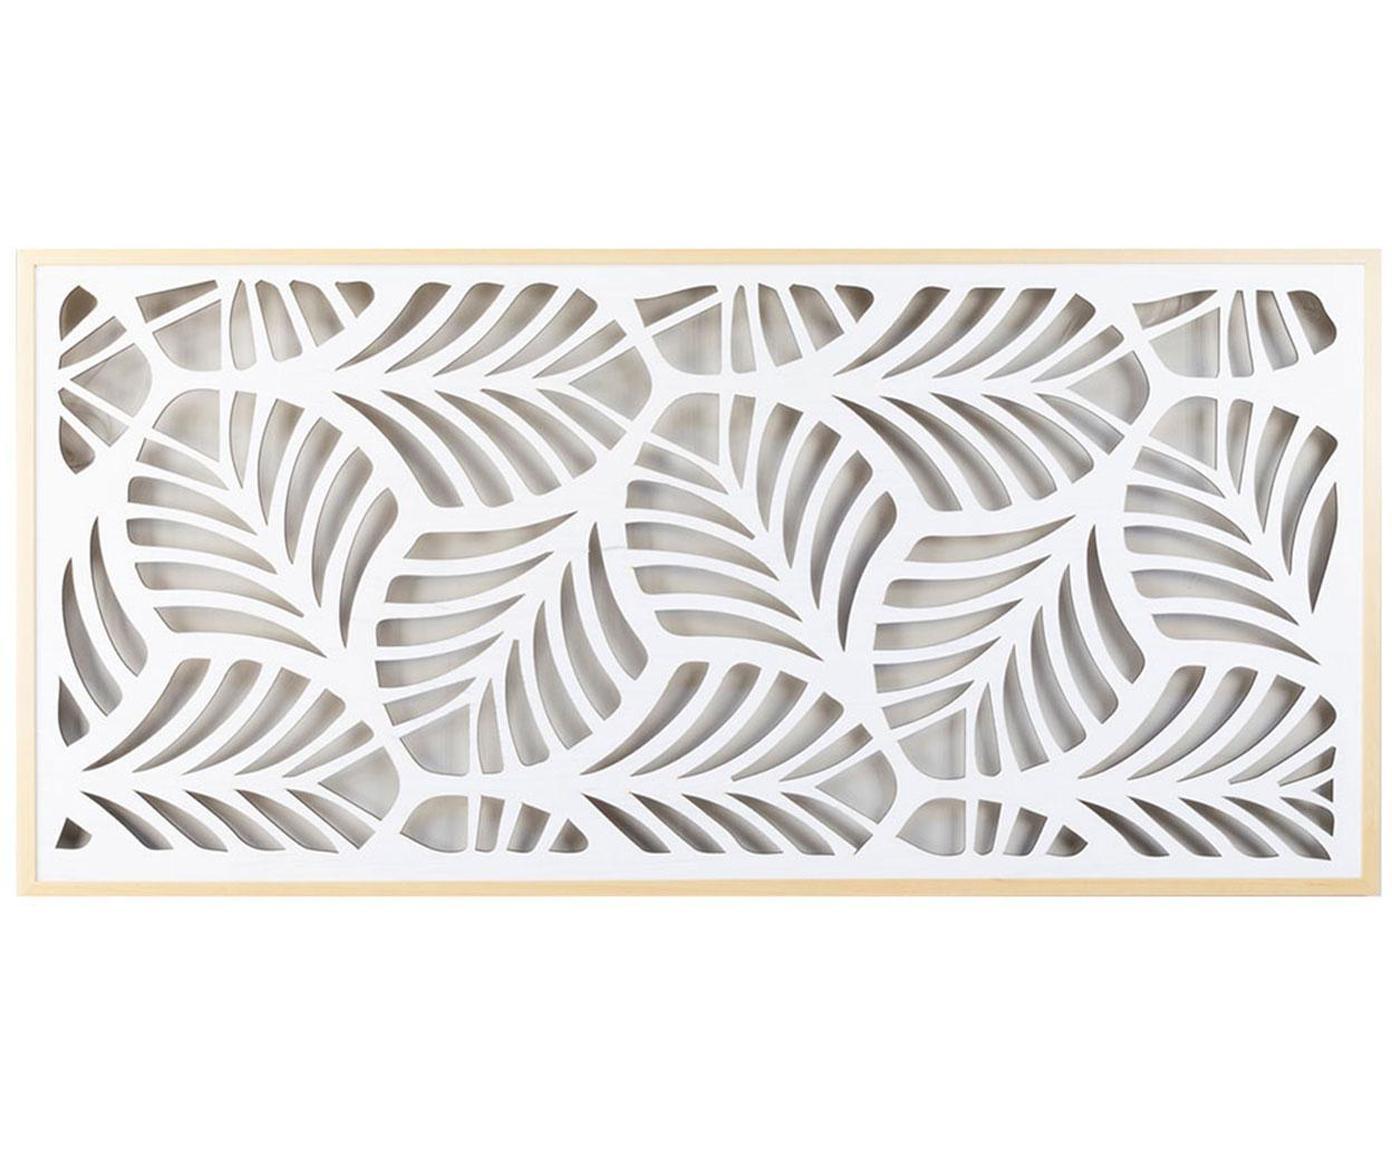 Cabecero Flores, Madera de pino, tablero de fibras de densidad media (MDF), Marrón, blanco, An 154 x Al 73 cm